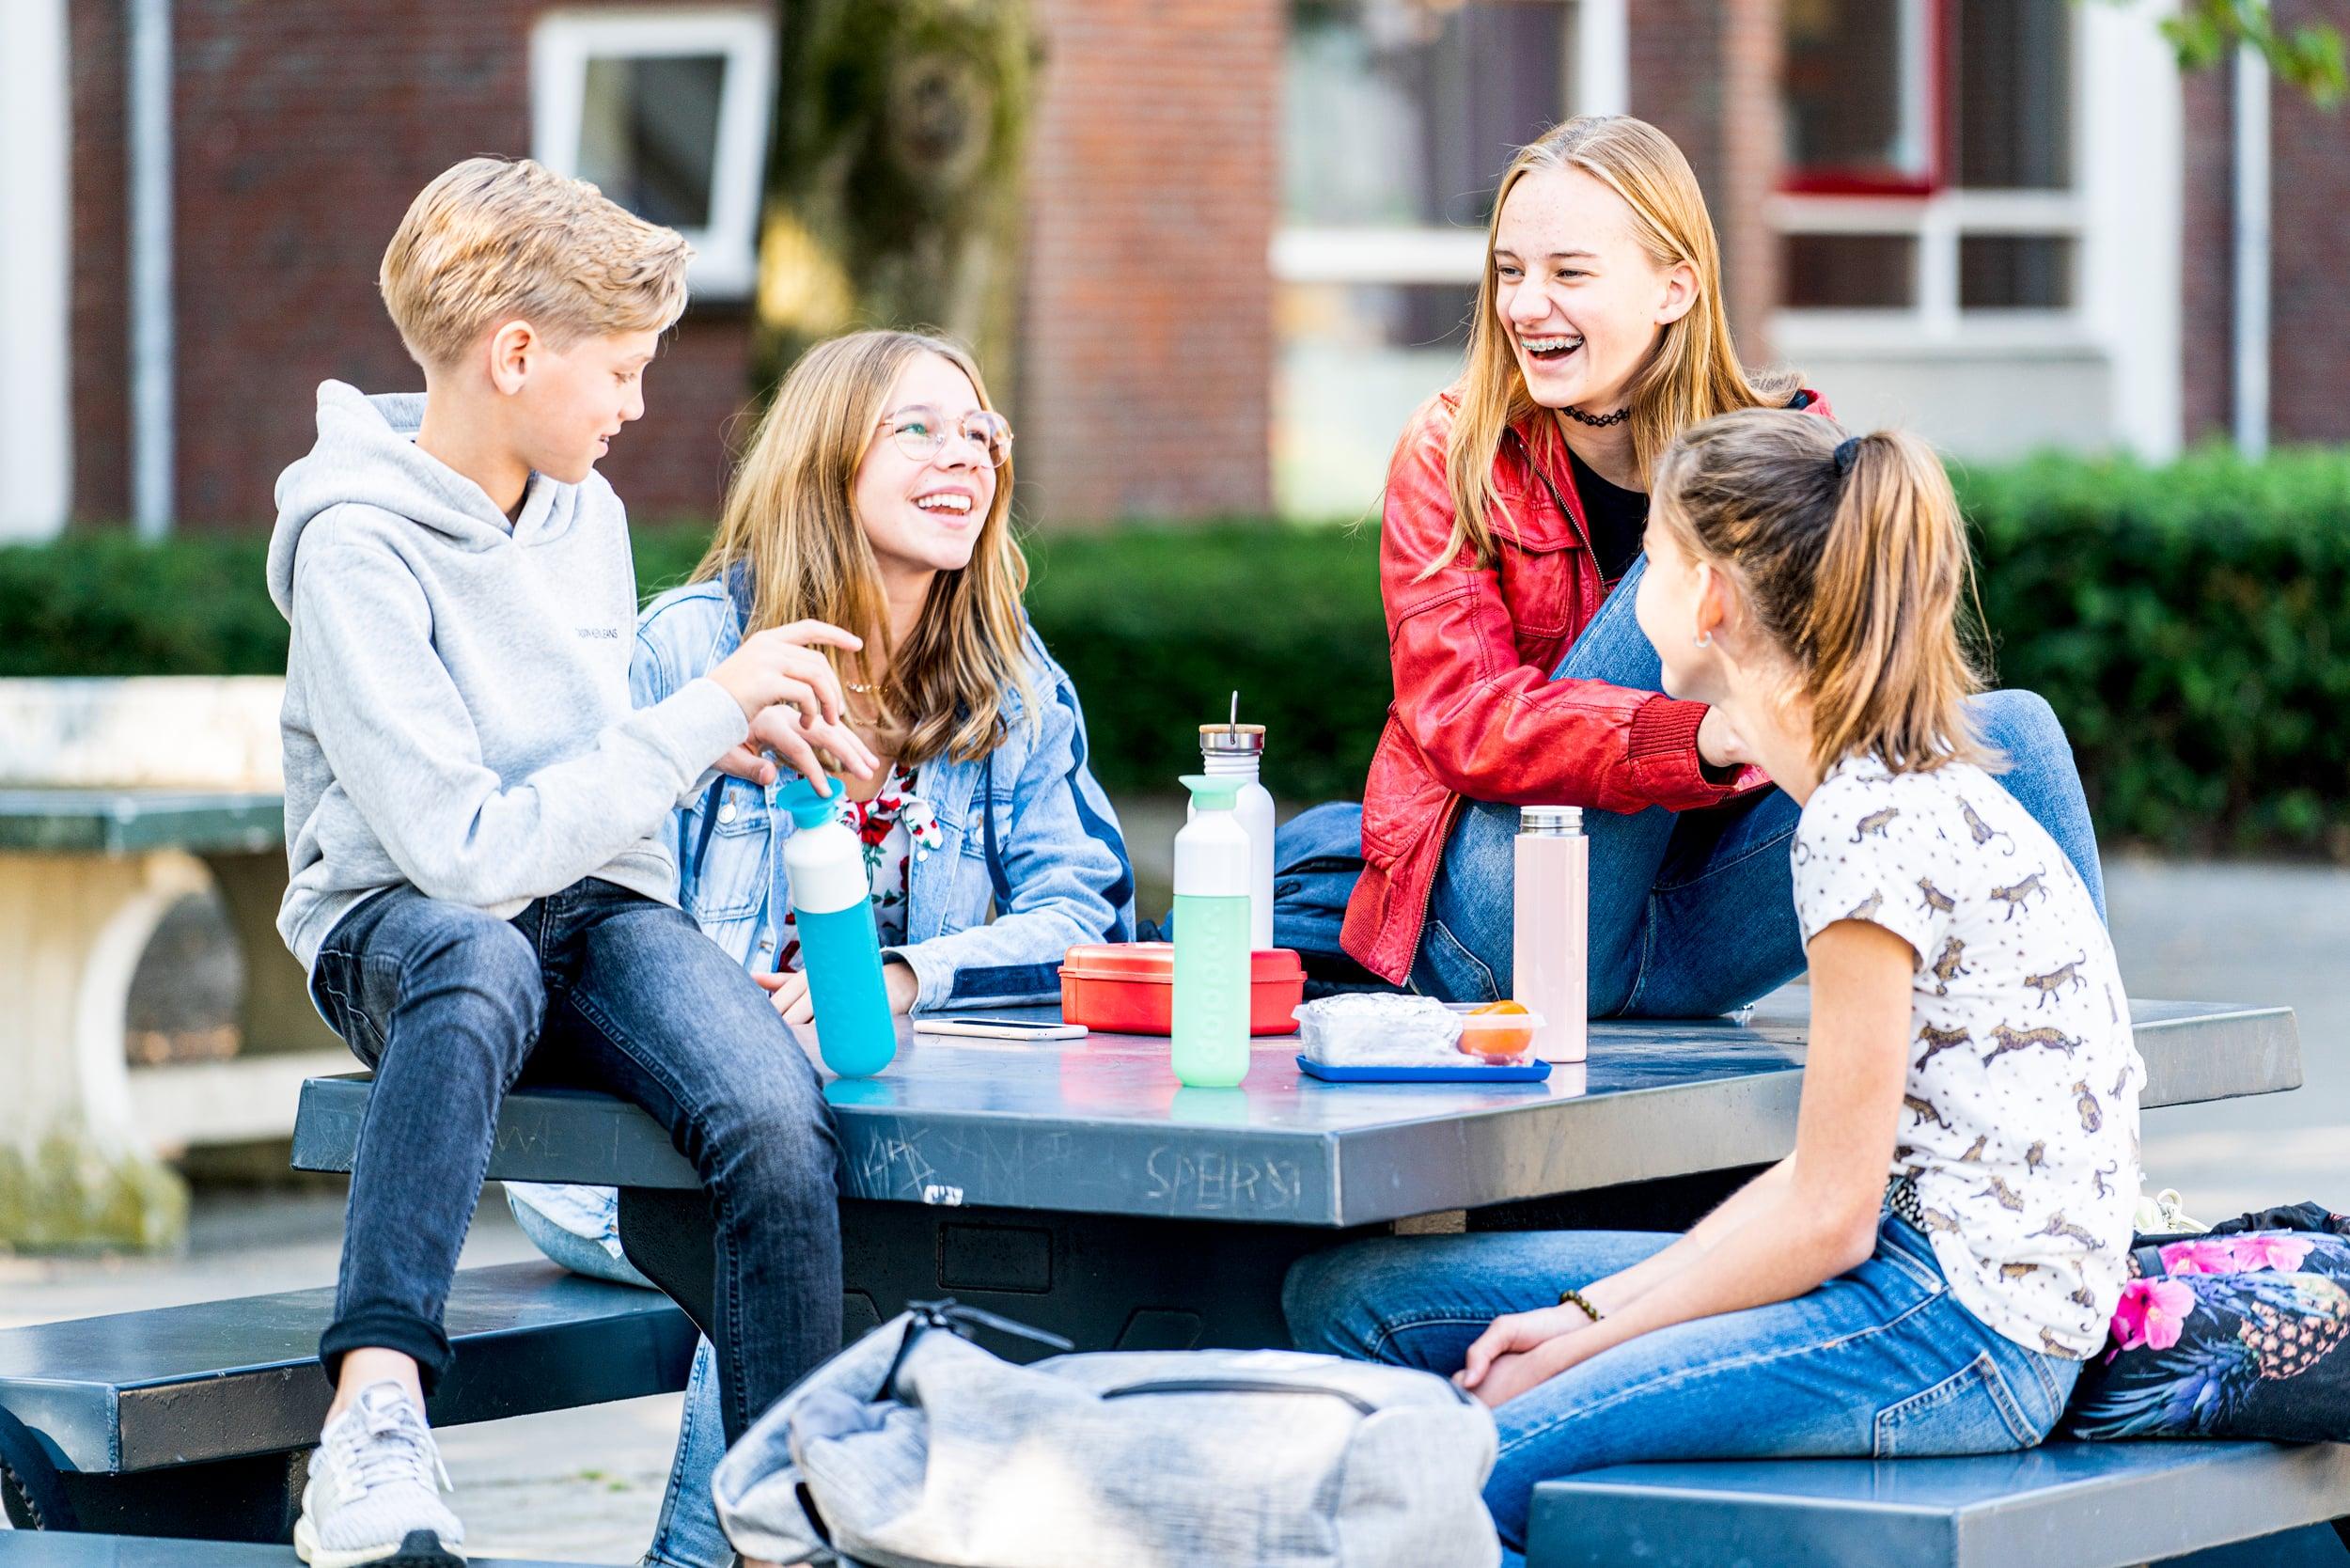 Scholieren die lunchen op het schoolplein. Campagne fotografie voor Het stedelijk Lyceum Enschede.